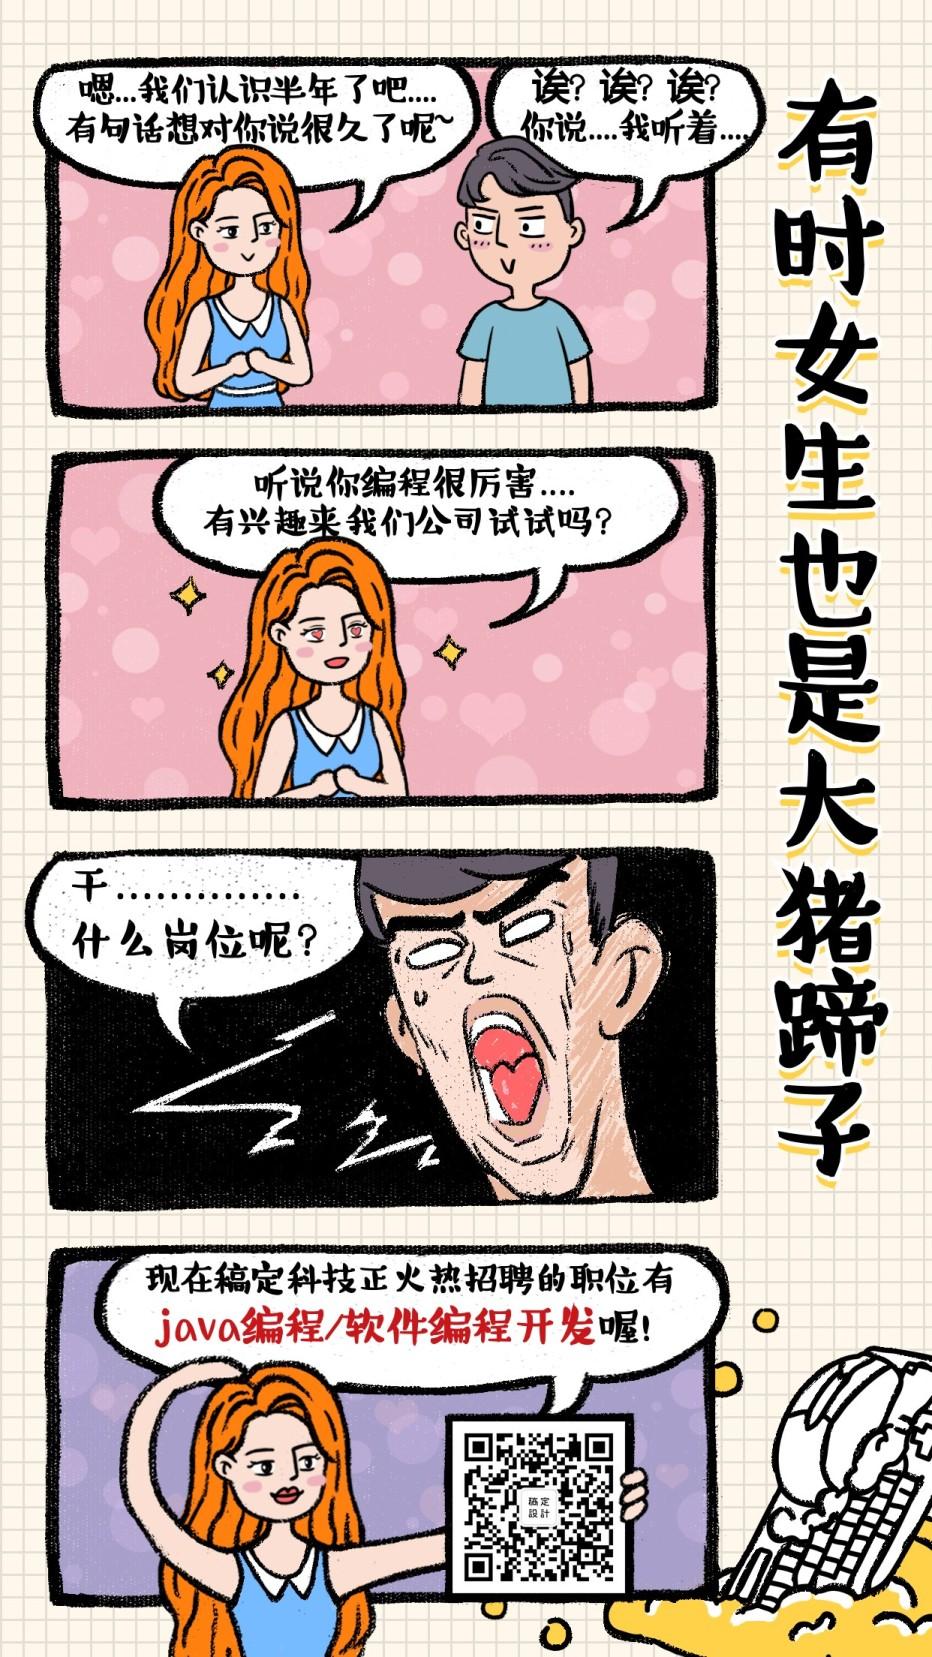 女生大猪蹄子漫画风格招聘海报